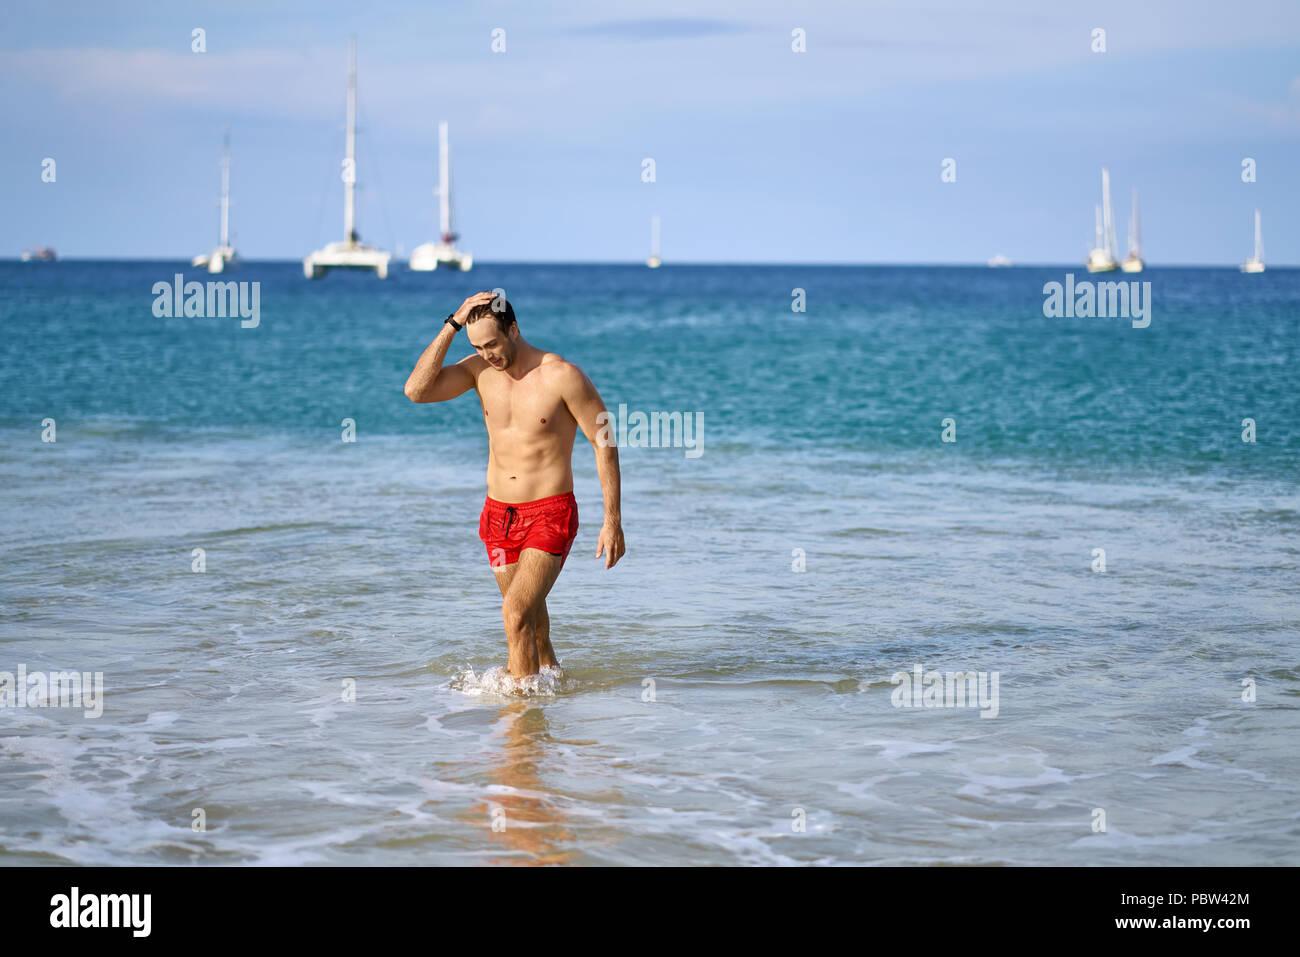 Costumi Da Bagno Bianco Uomo : Attività sportive conciate l uomo sta nelle onde del mare sulla